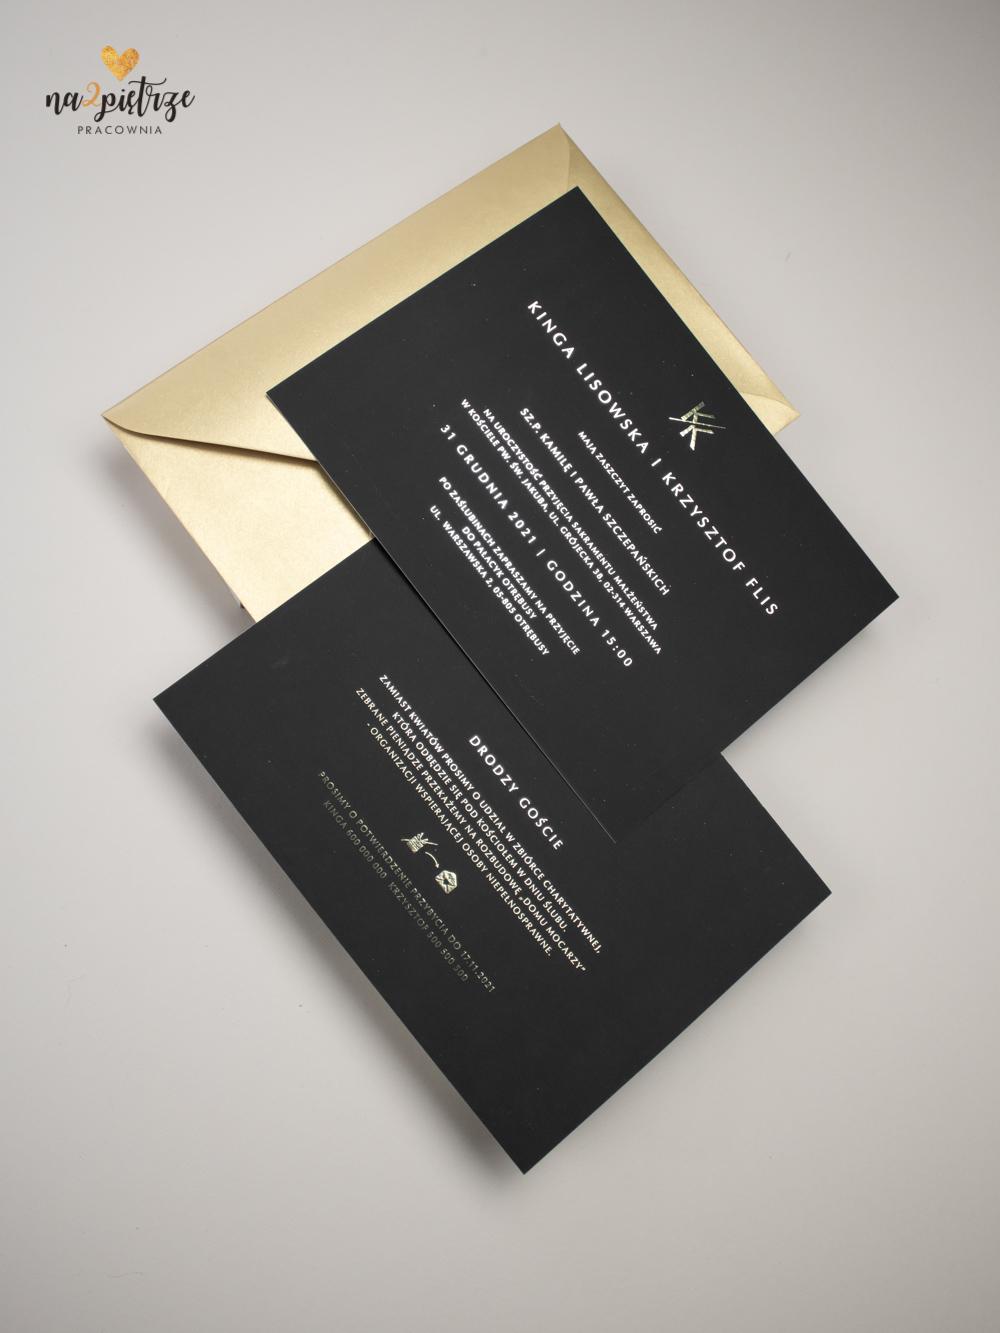 zaproszenie ślubne glamour, czarne ze złotym nadrukiem